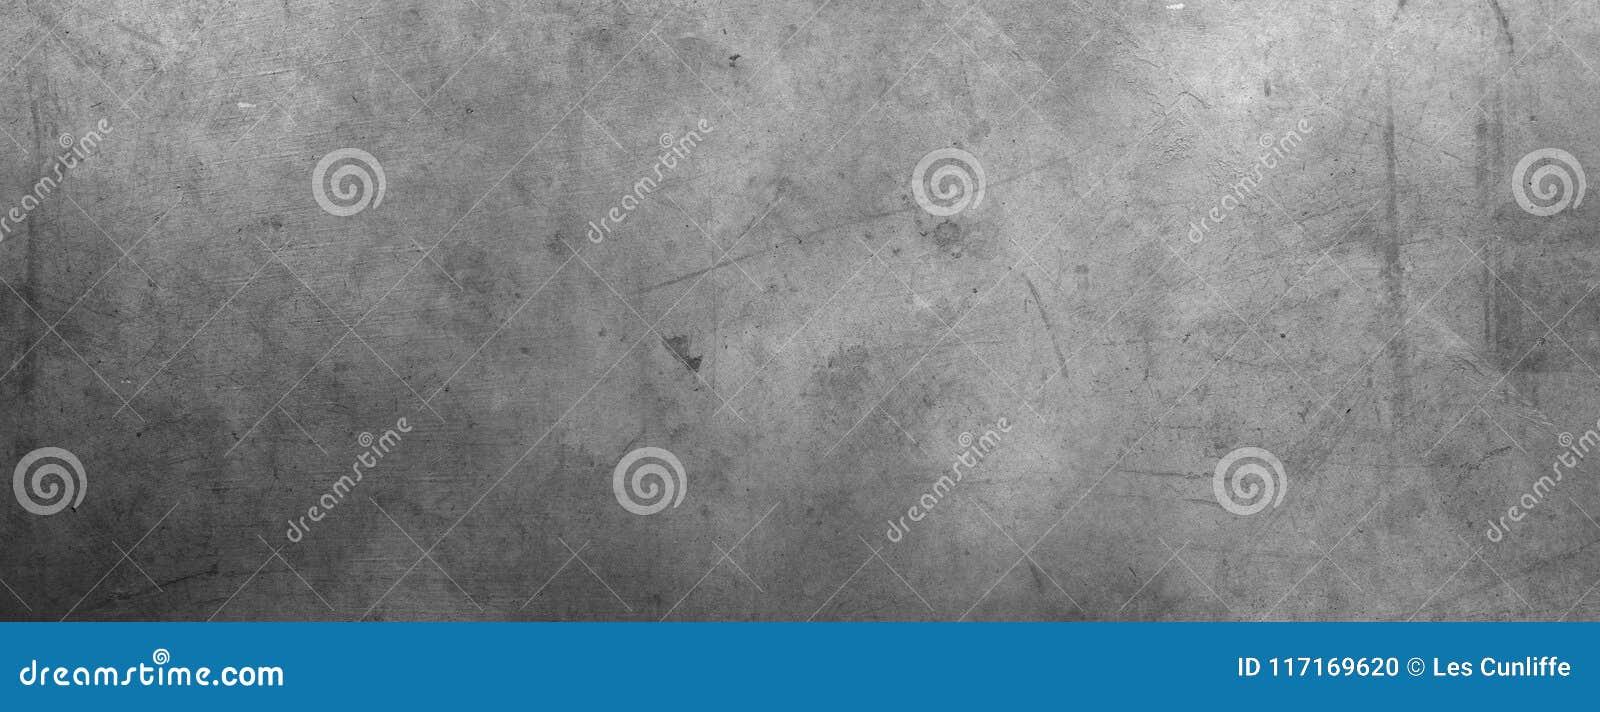 Mur en béton gris